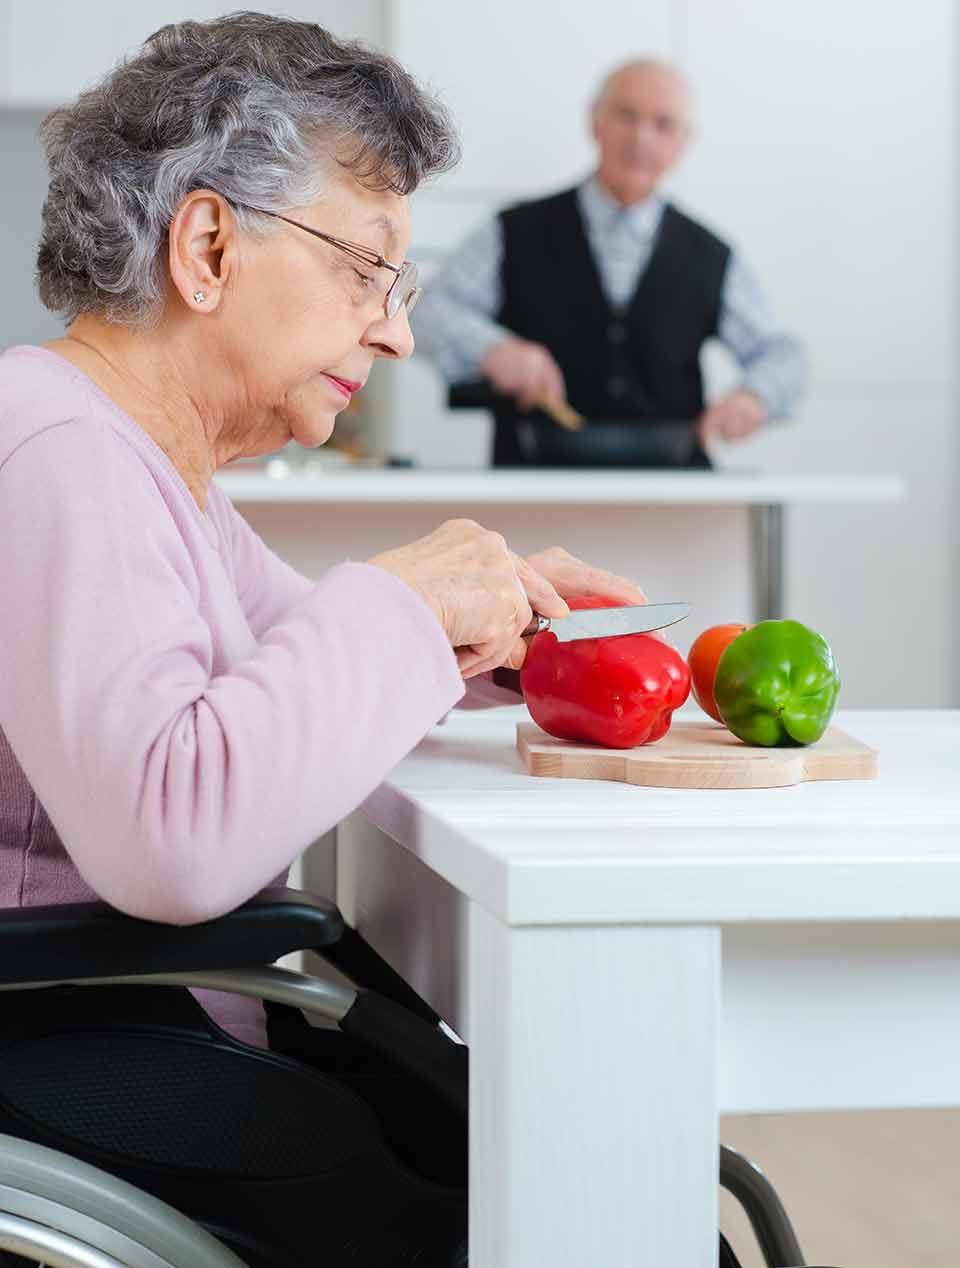 Seniorin sitzt im Rollstuhl in Ihrer barrierefreien Küche und schneidet Gemüse auf dem Esstisch, im Hintergrund kocht der Mann am Herd